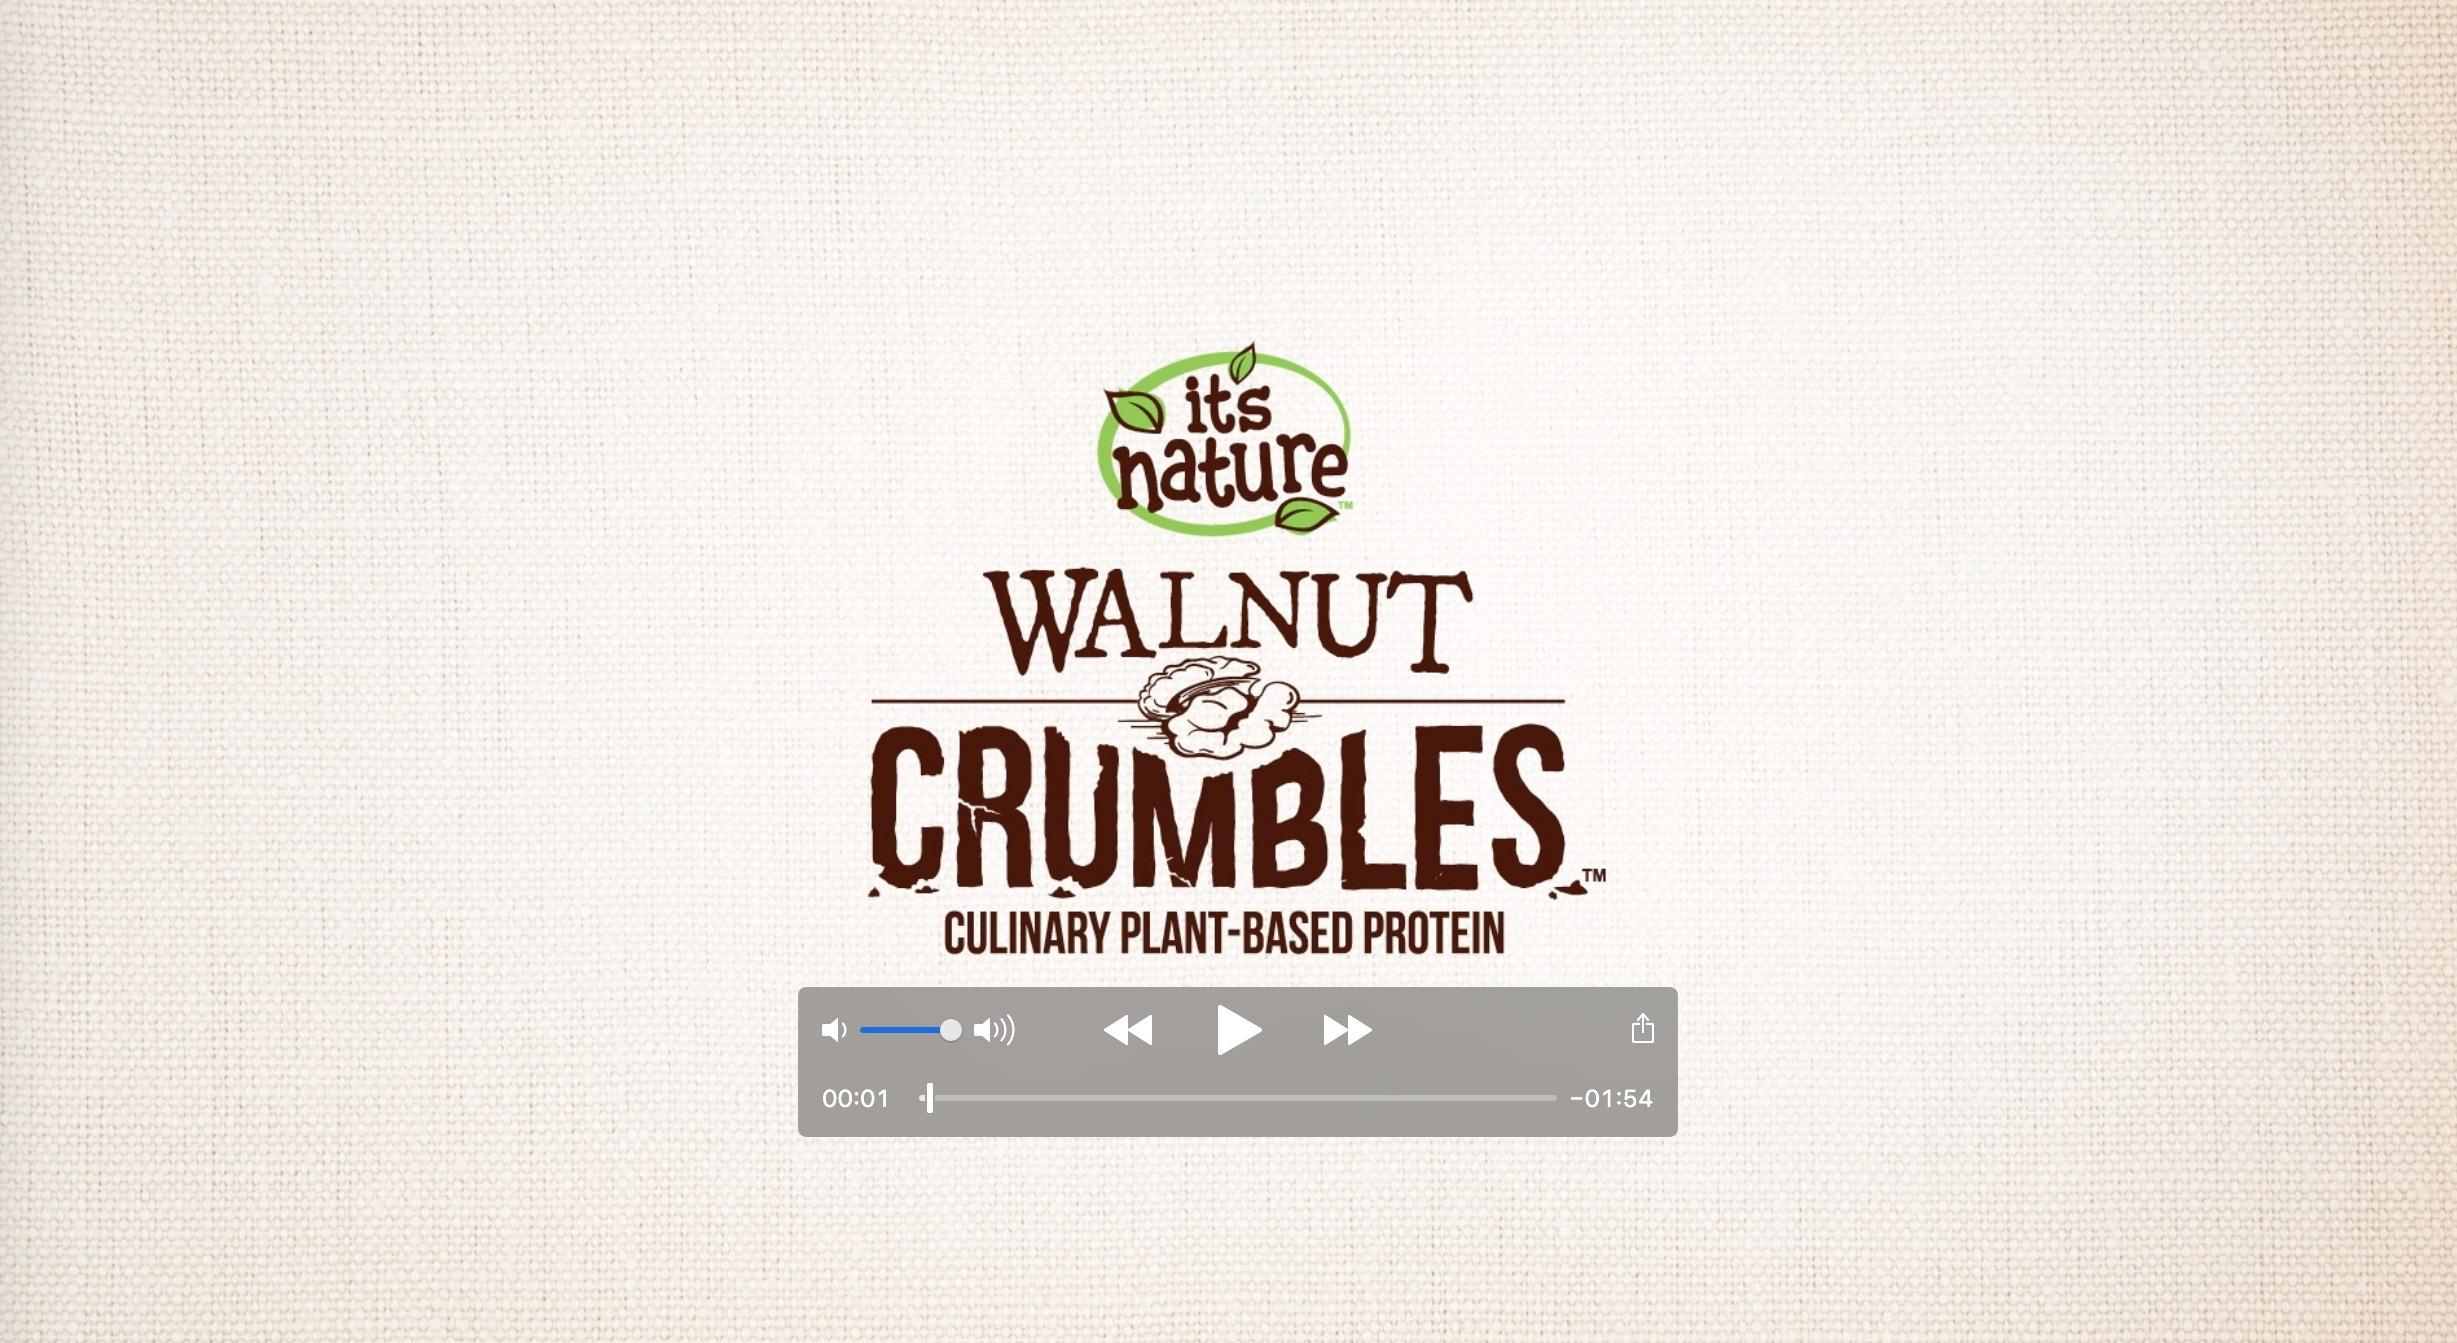 Walnut Crumbles